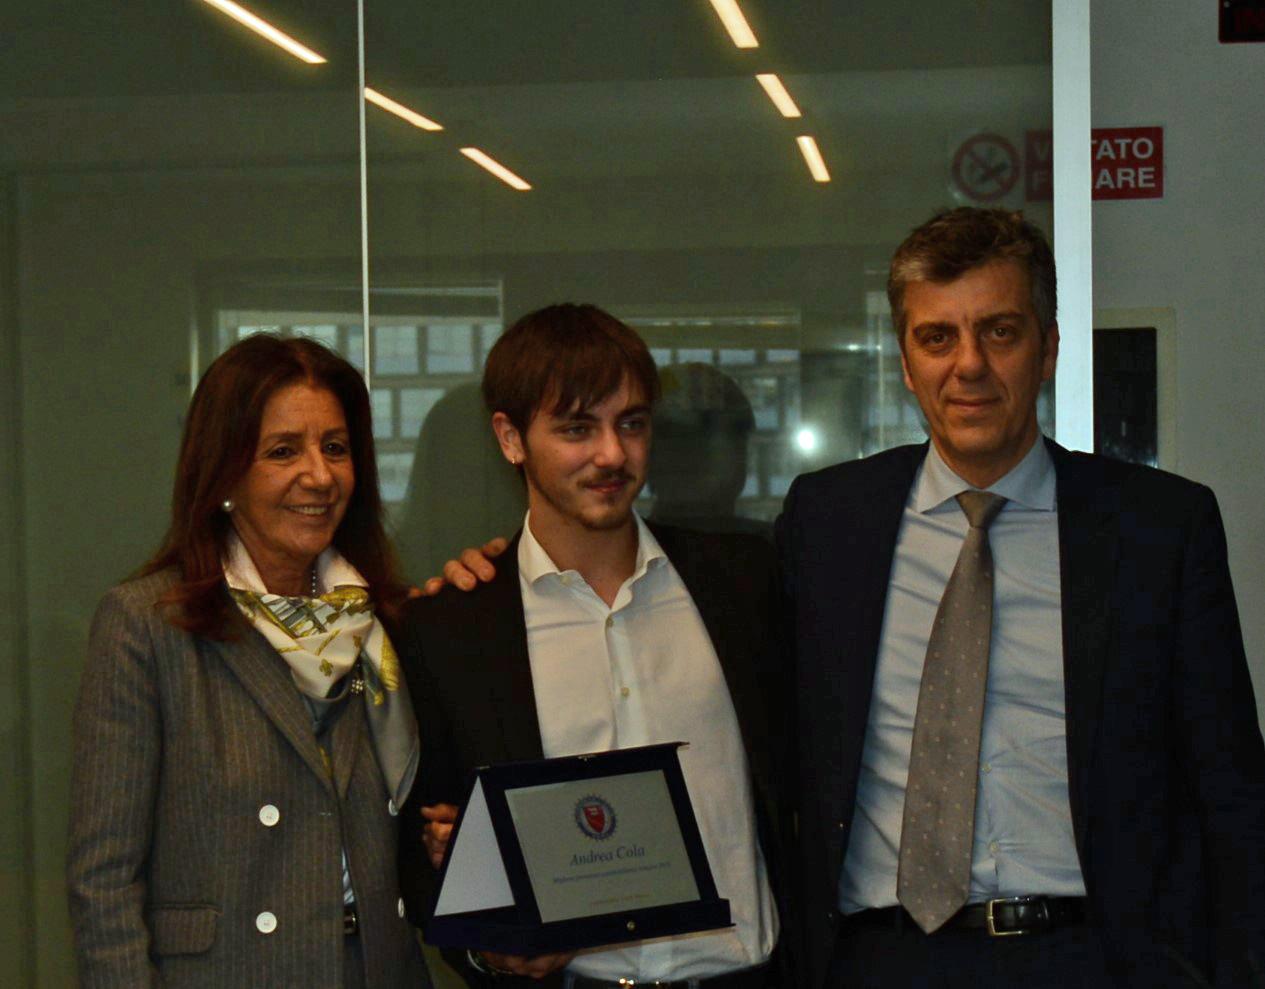 Paolo Andreucci e Anna Andreussi di nuovo nel Tricolore - image DSC_3579 on https://motori.net